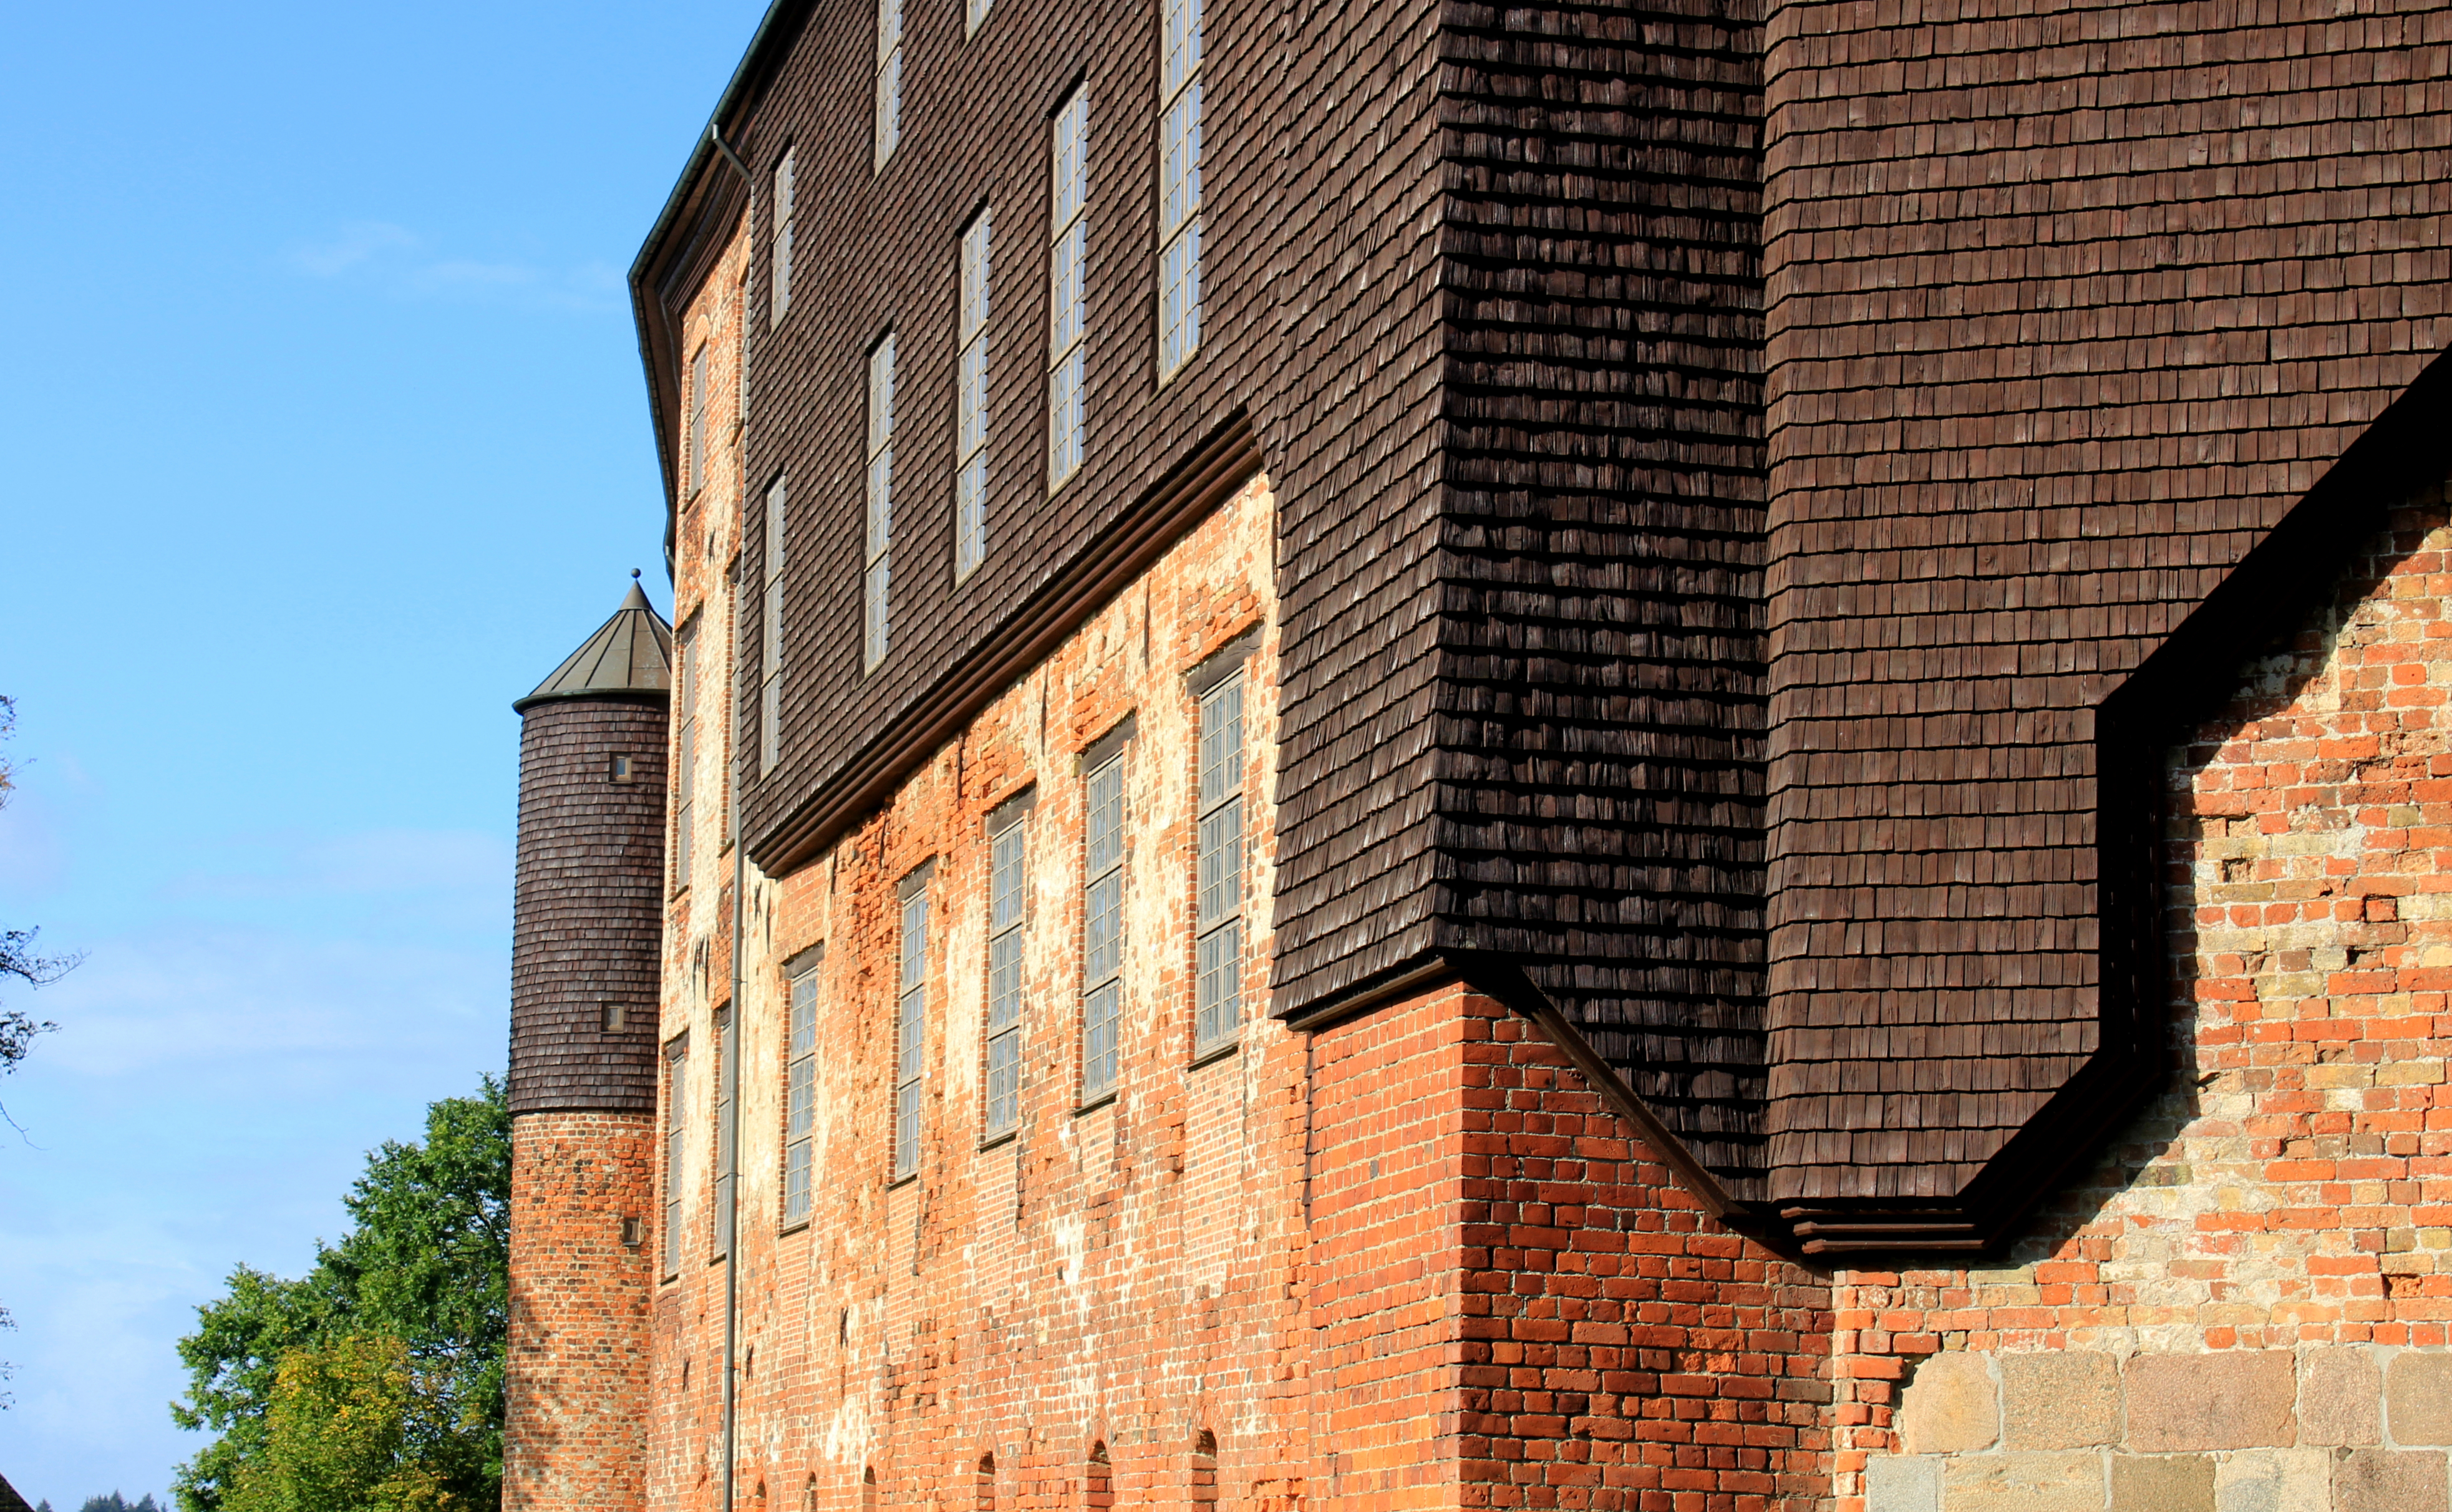 Kolding Denmark  city images : Description Koldinghus Old castle in Kolding Denmark 016